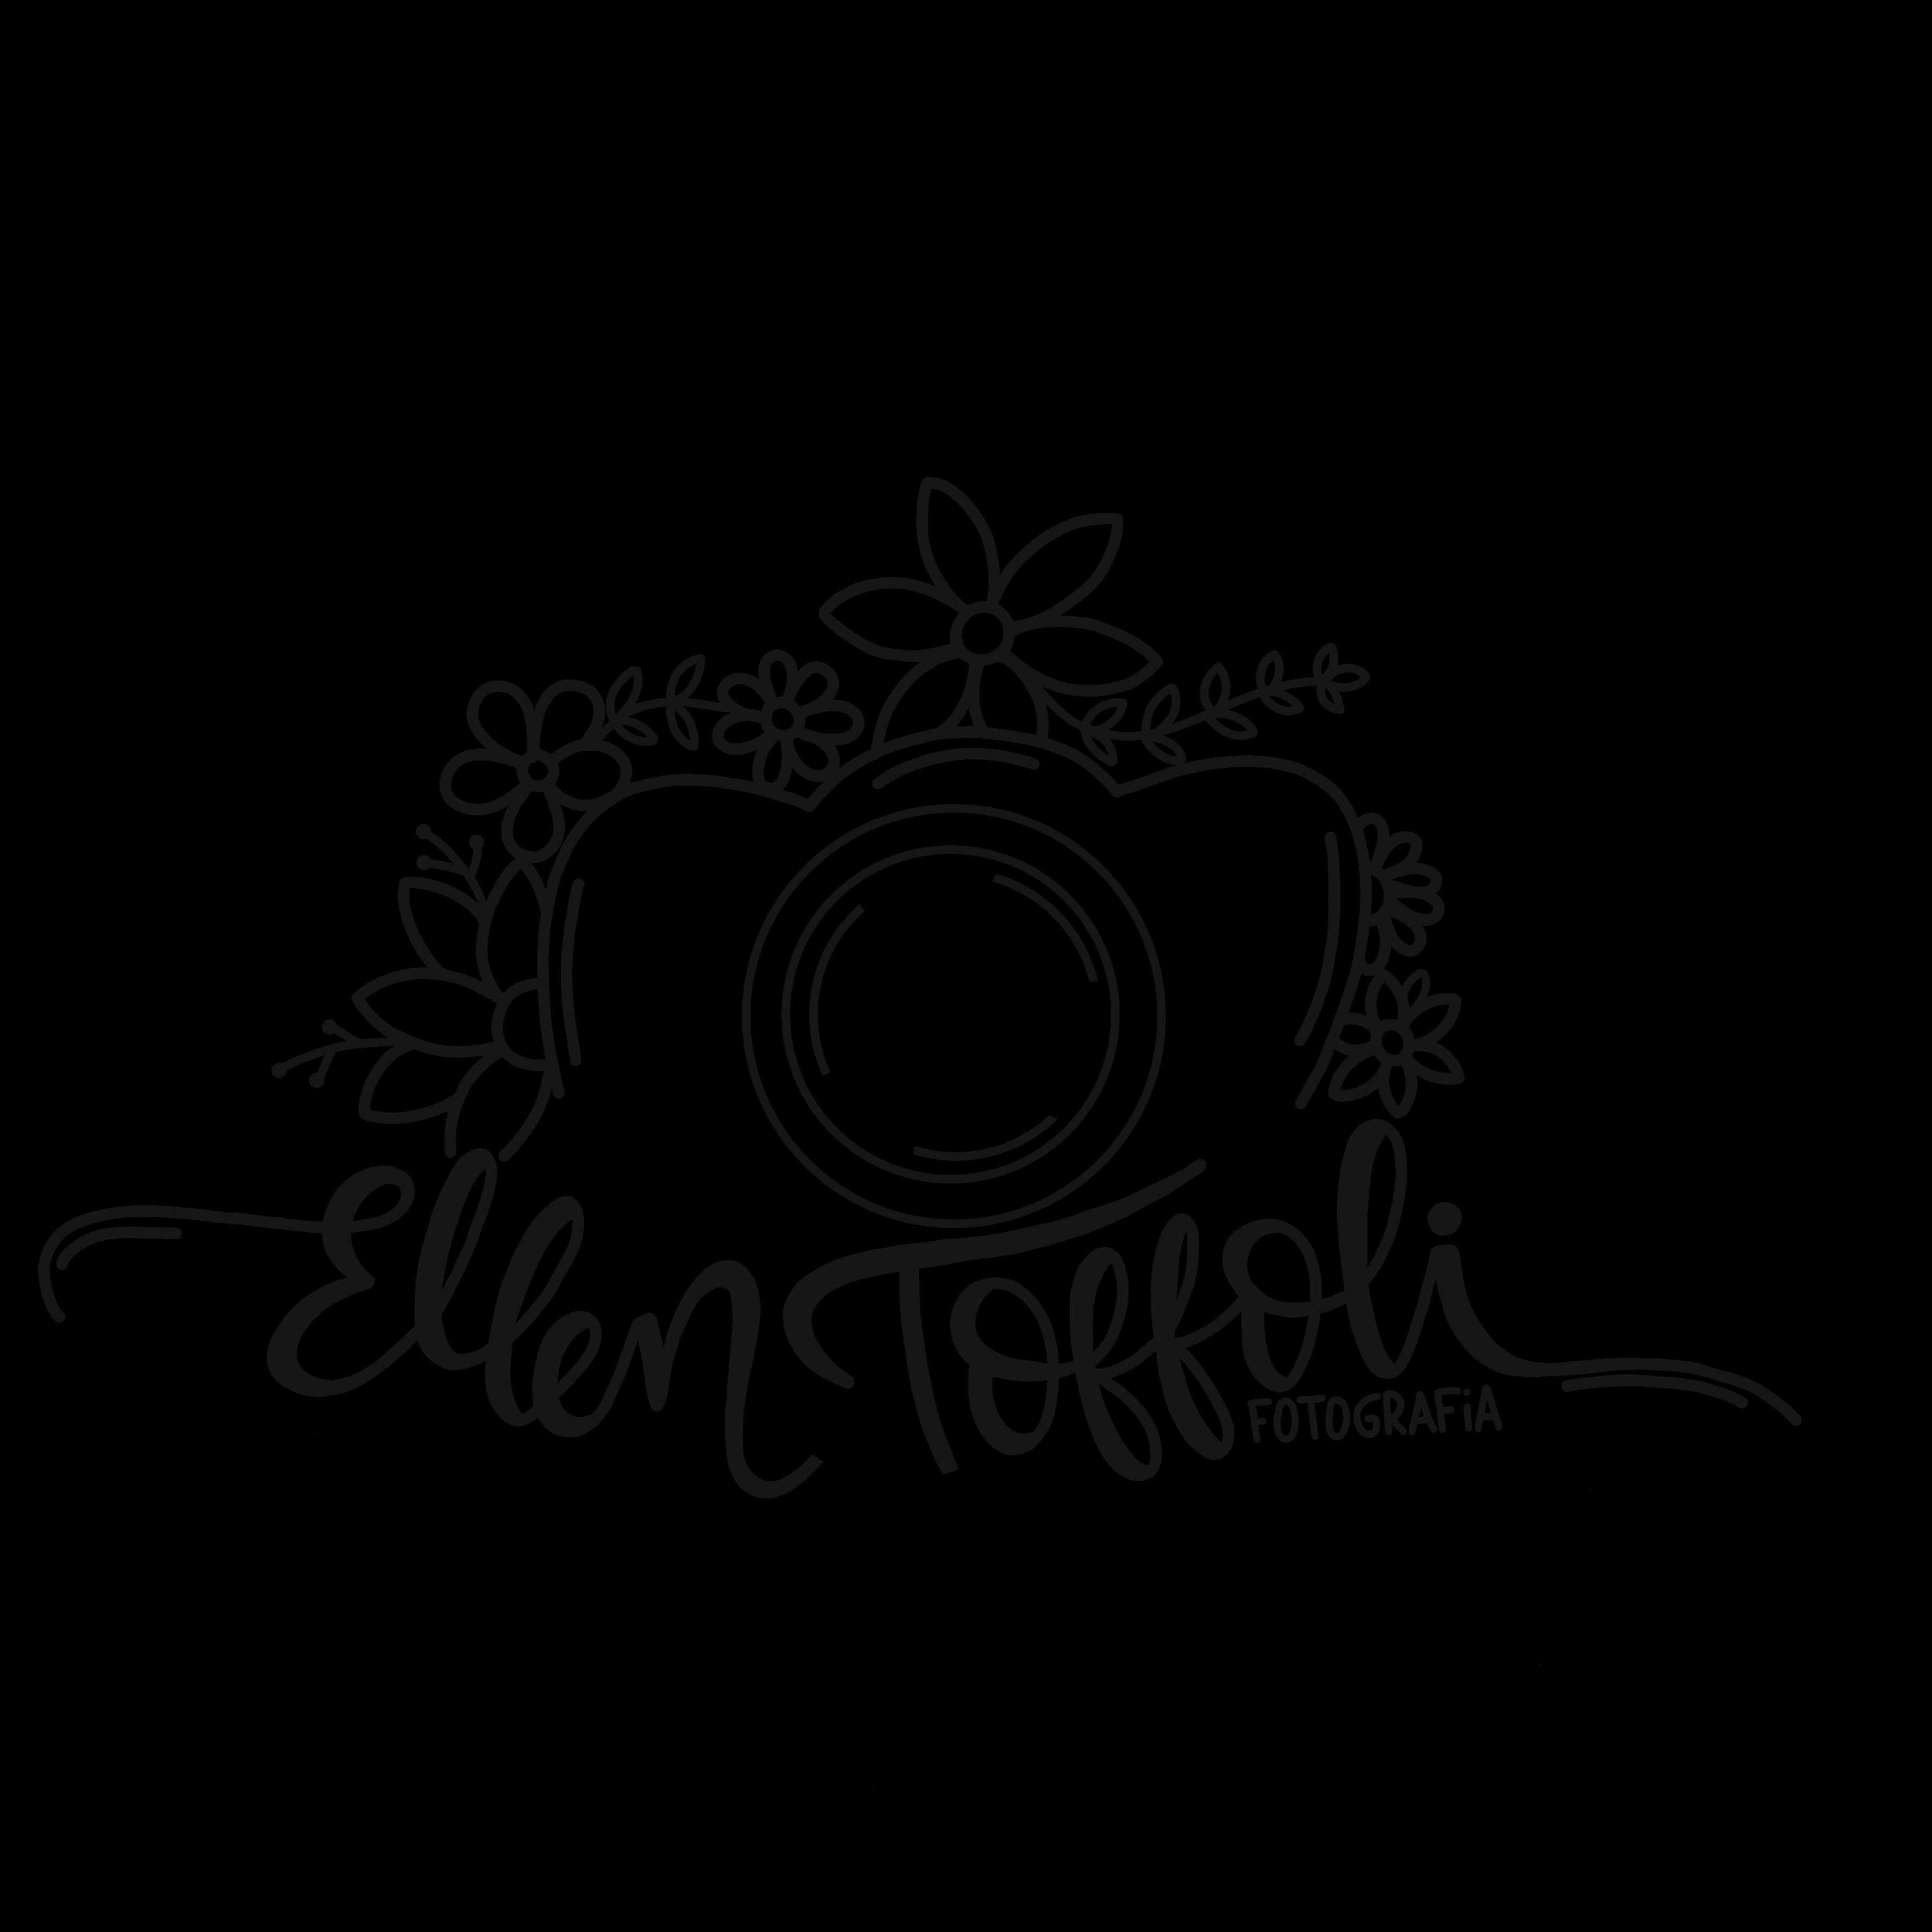 Contate Ellen Toffoli Fotografia